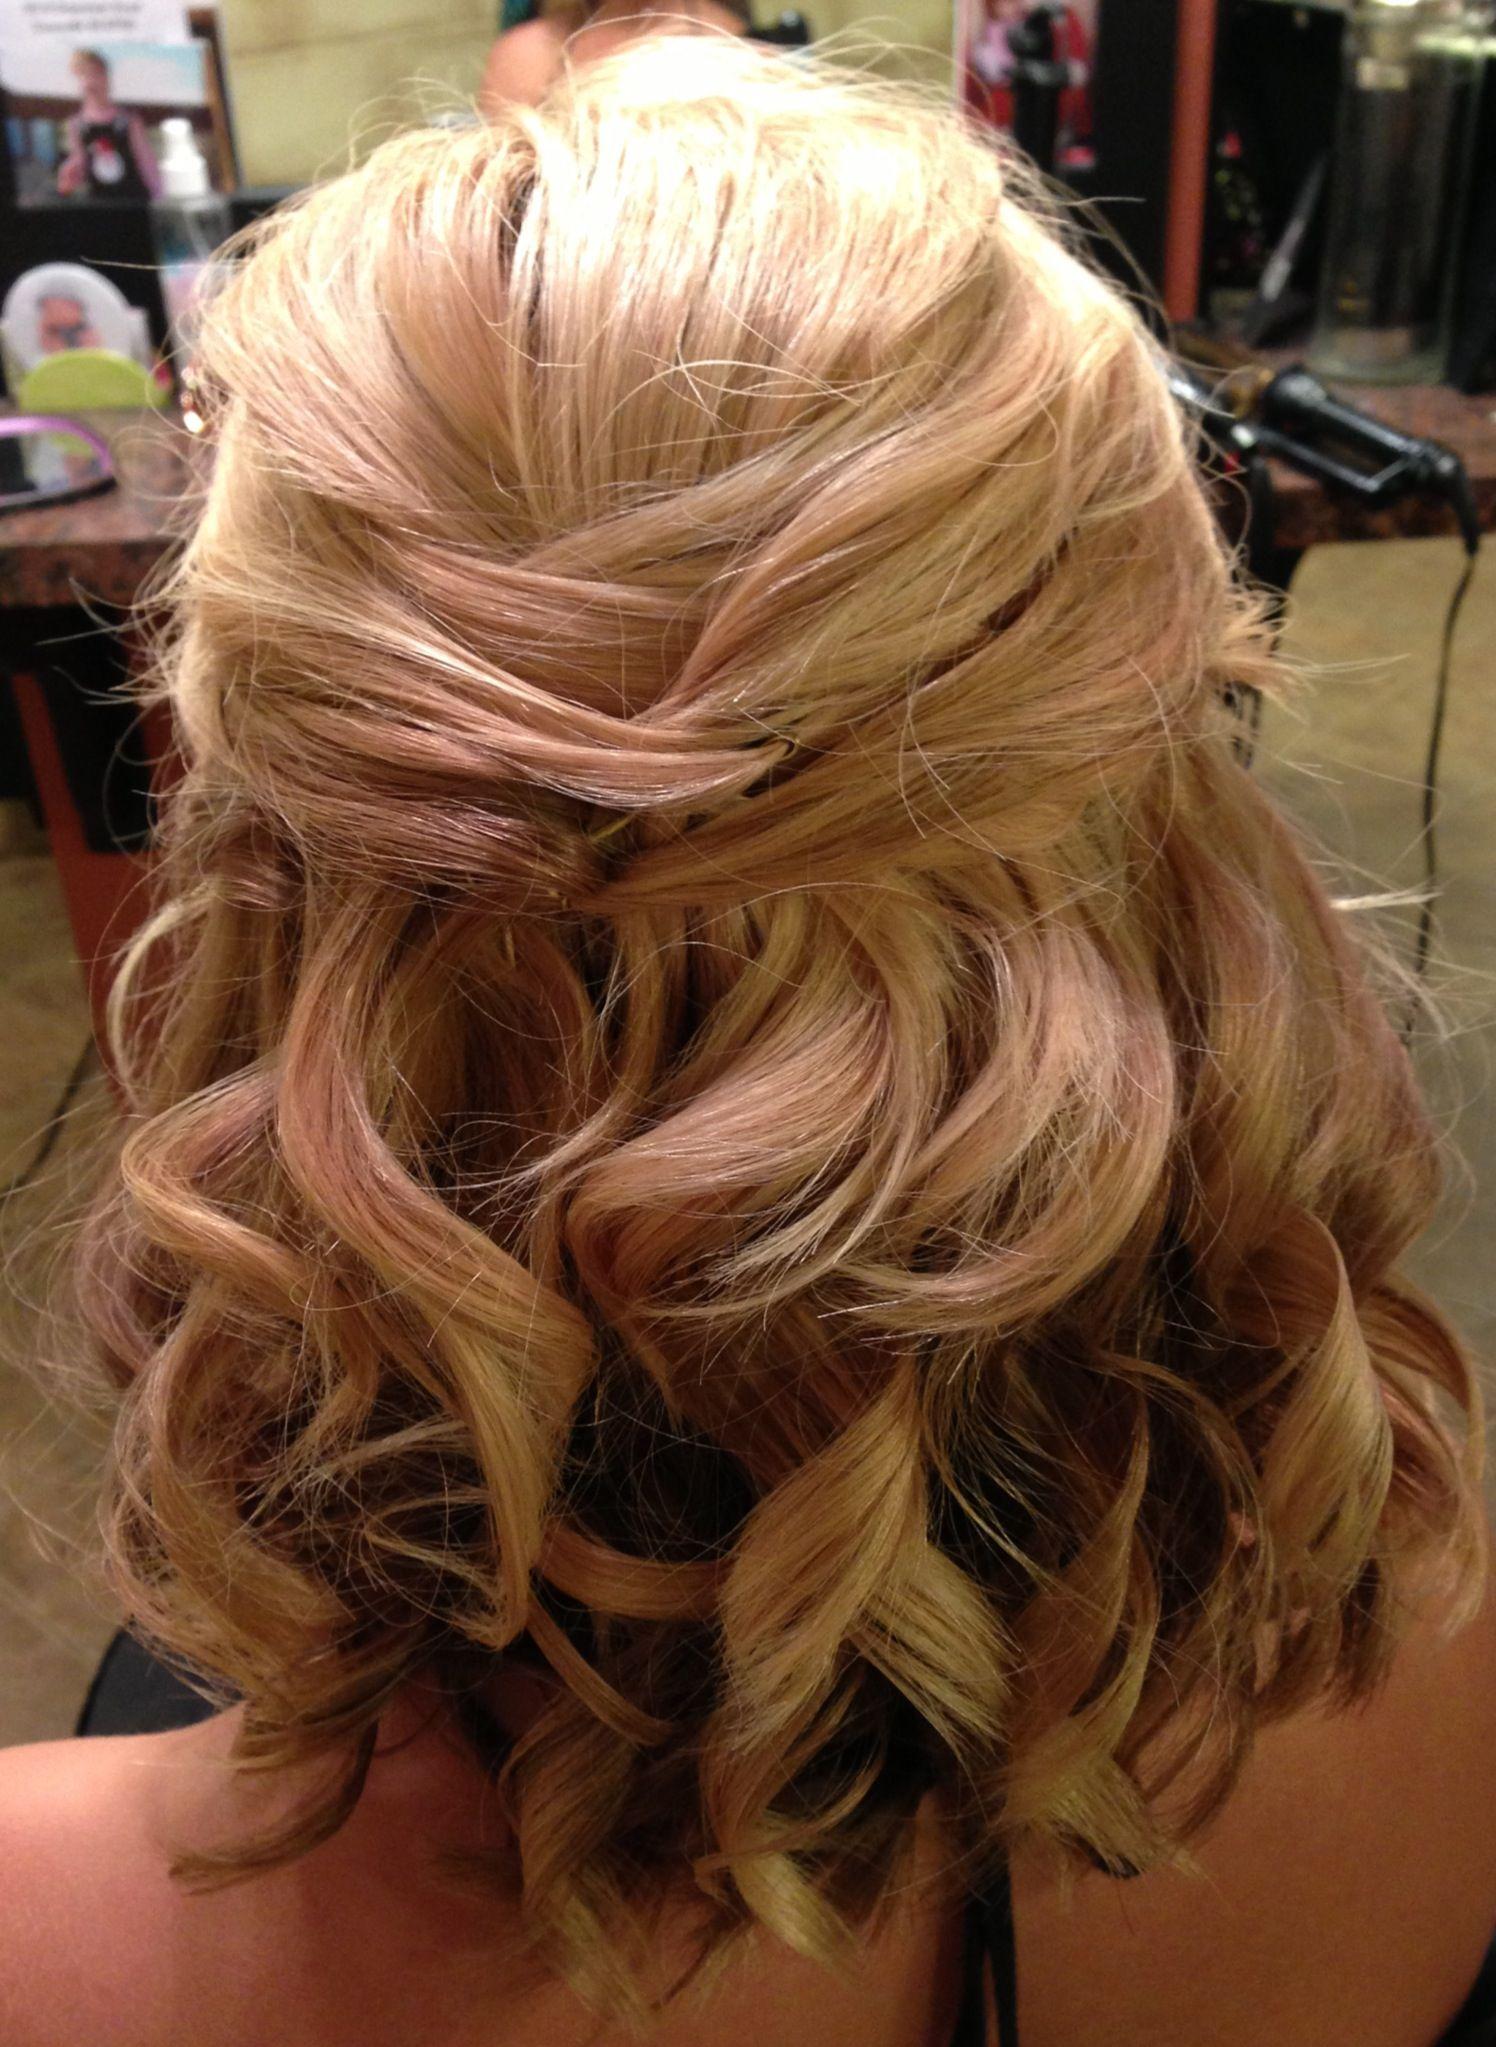 16 Pretty And Chic Updos For Medium Length Hair Pretty Designs Wedding Hair Down Short Wedding Hair Hair Lengths